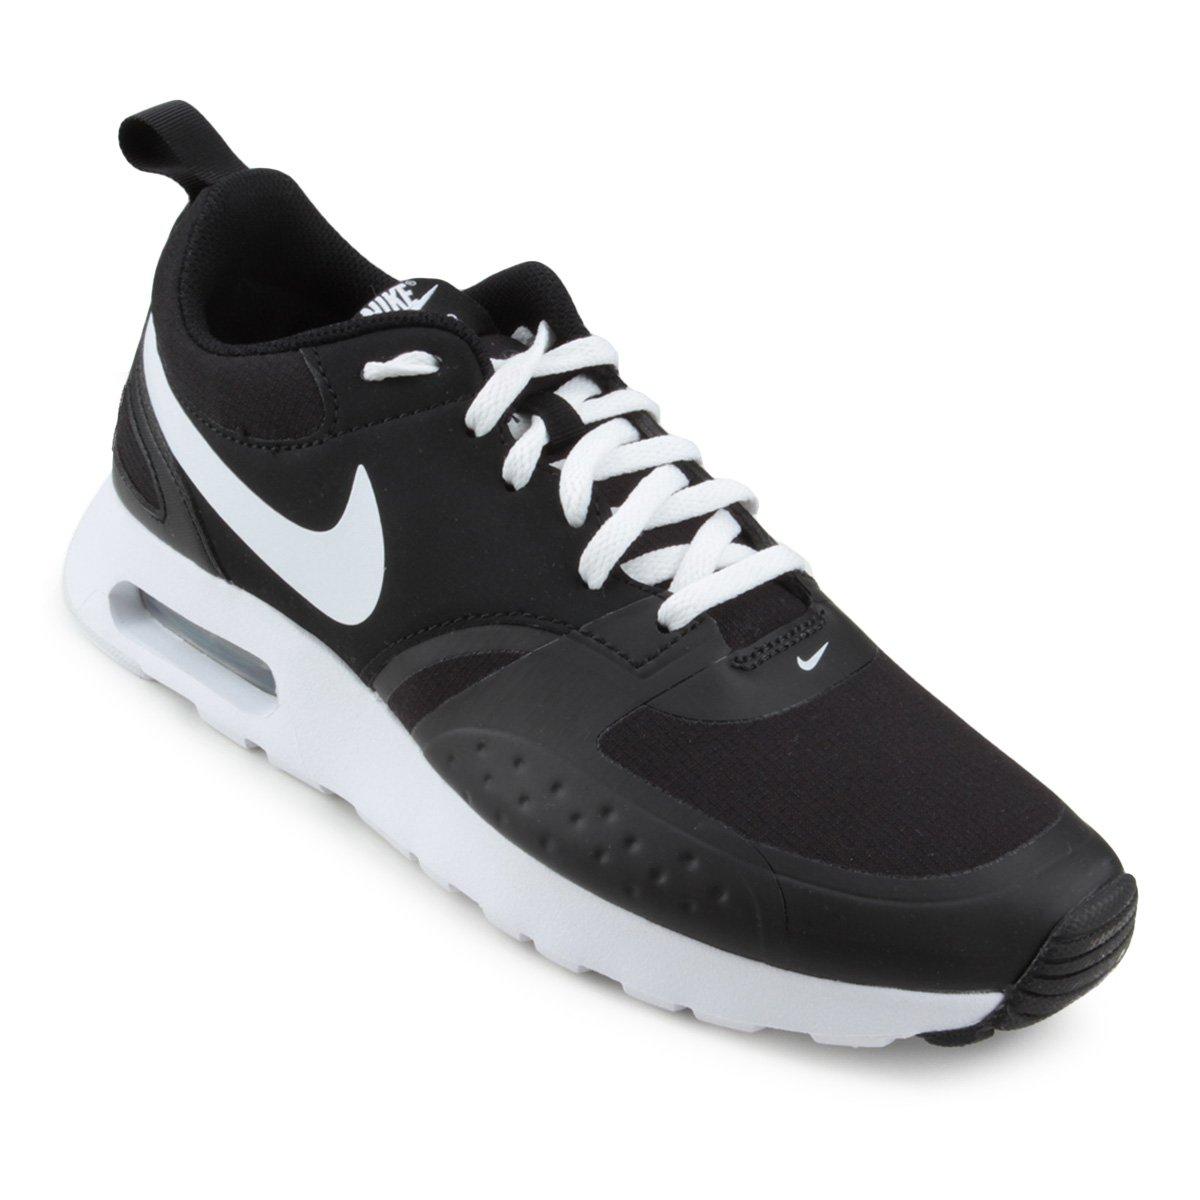 38d021366aee0 Tênis Nike Air Max Vision Masculino | Shop Timão